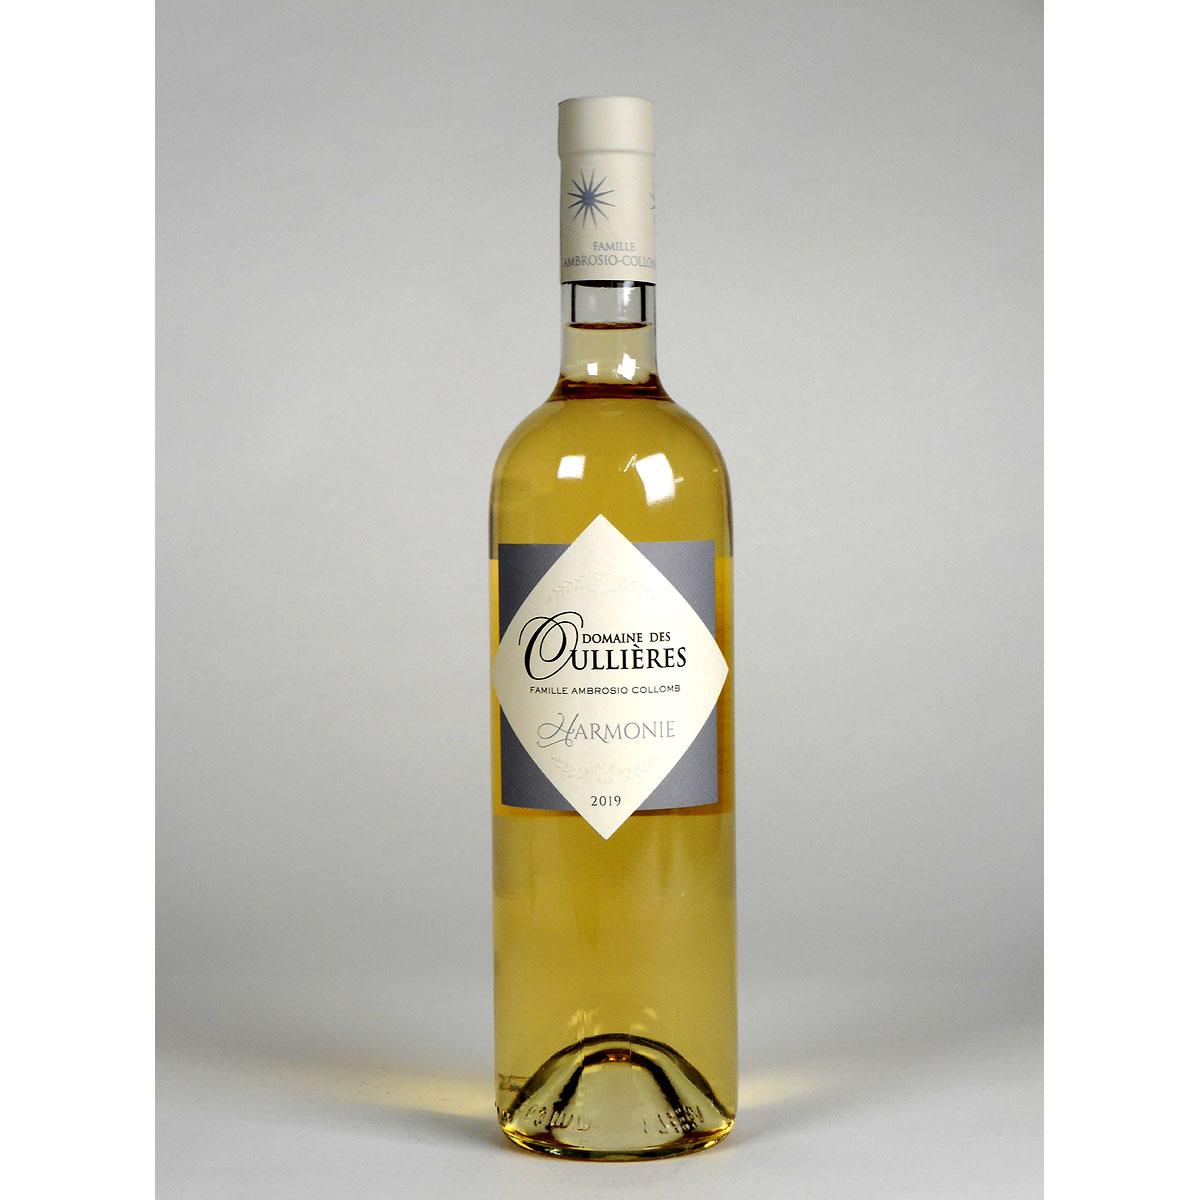 Coteaux d'Aix-en-Provence: Domaine des Oullières Blanc 2019 - Wine Bottle